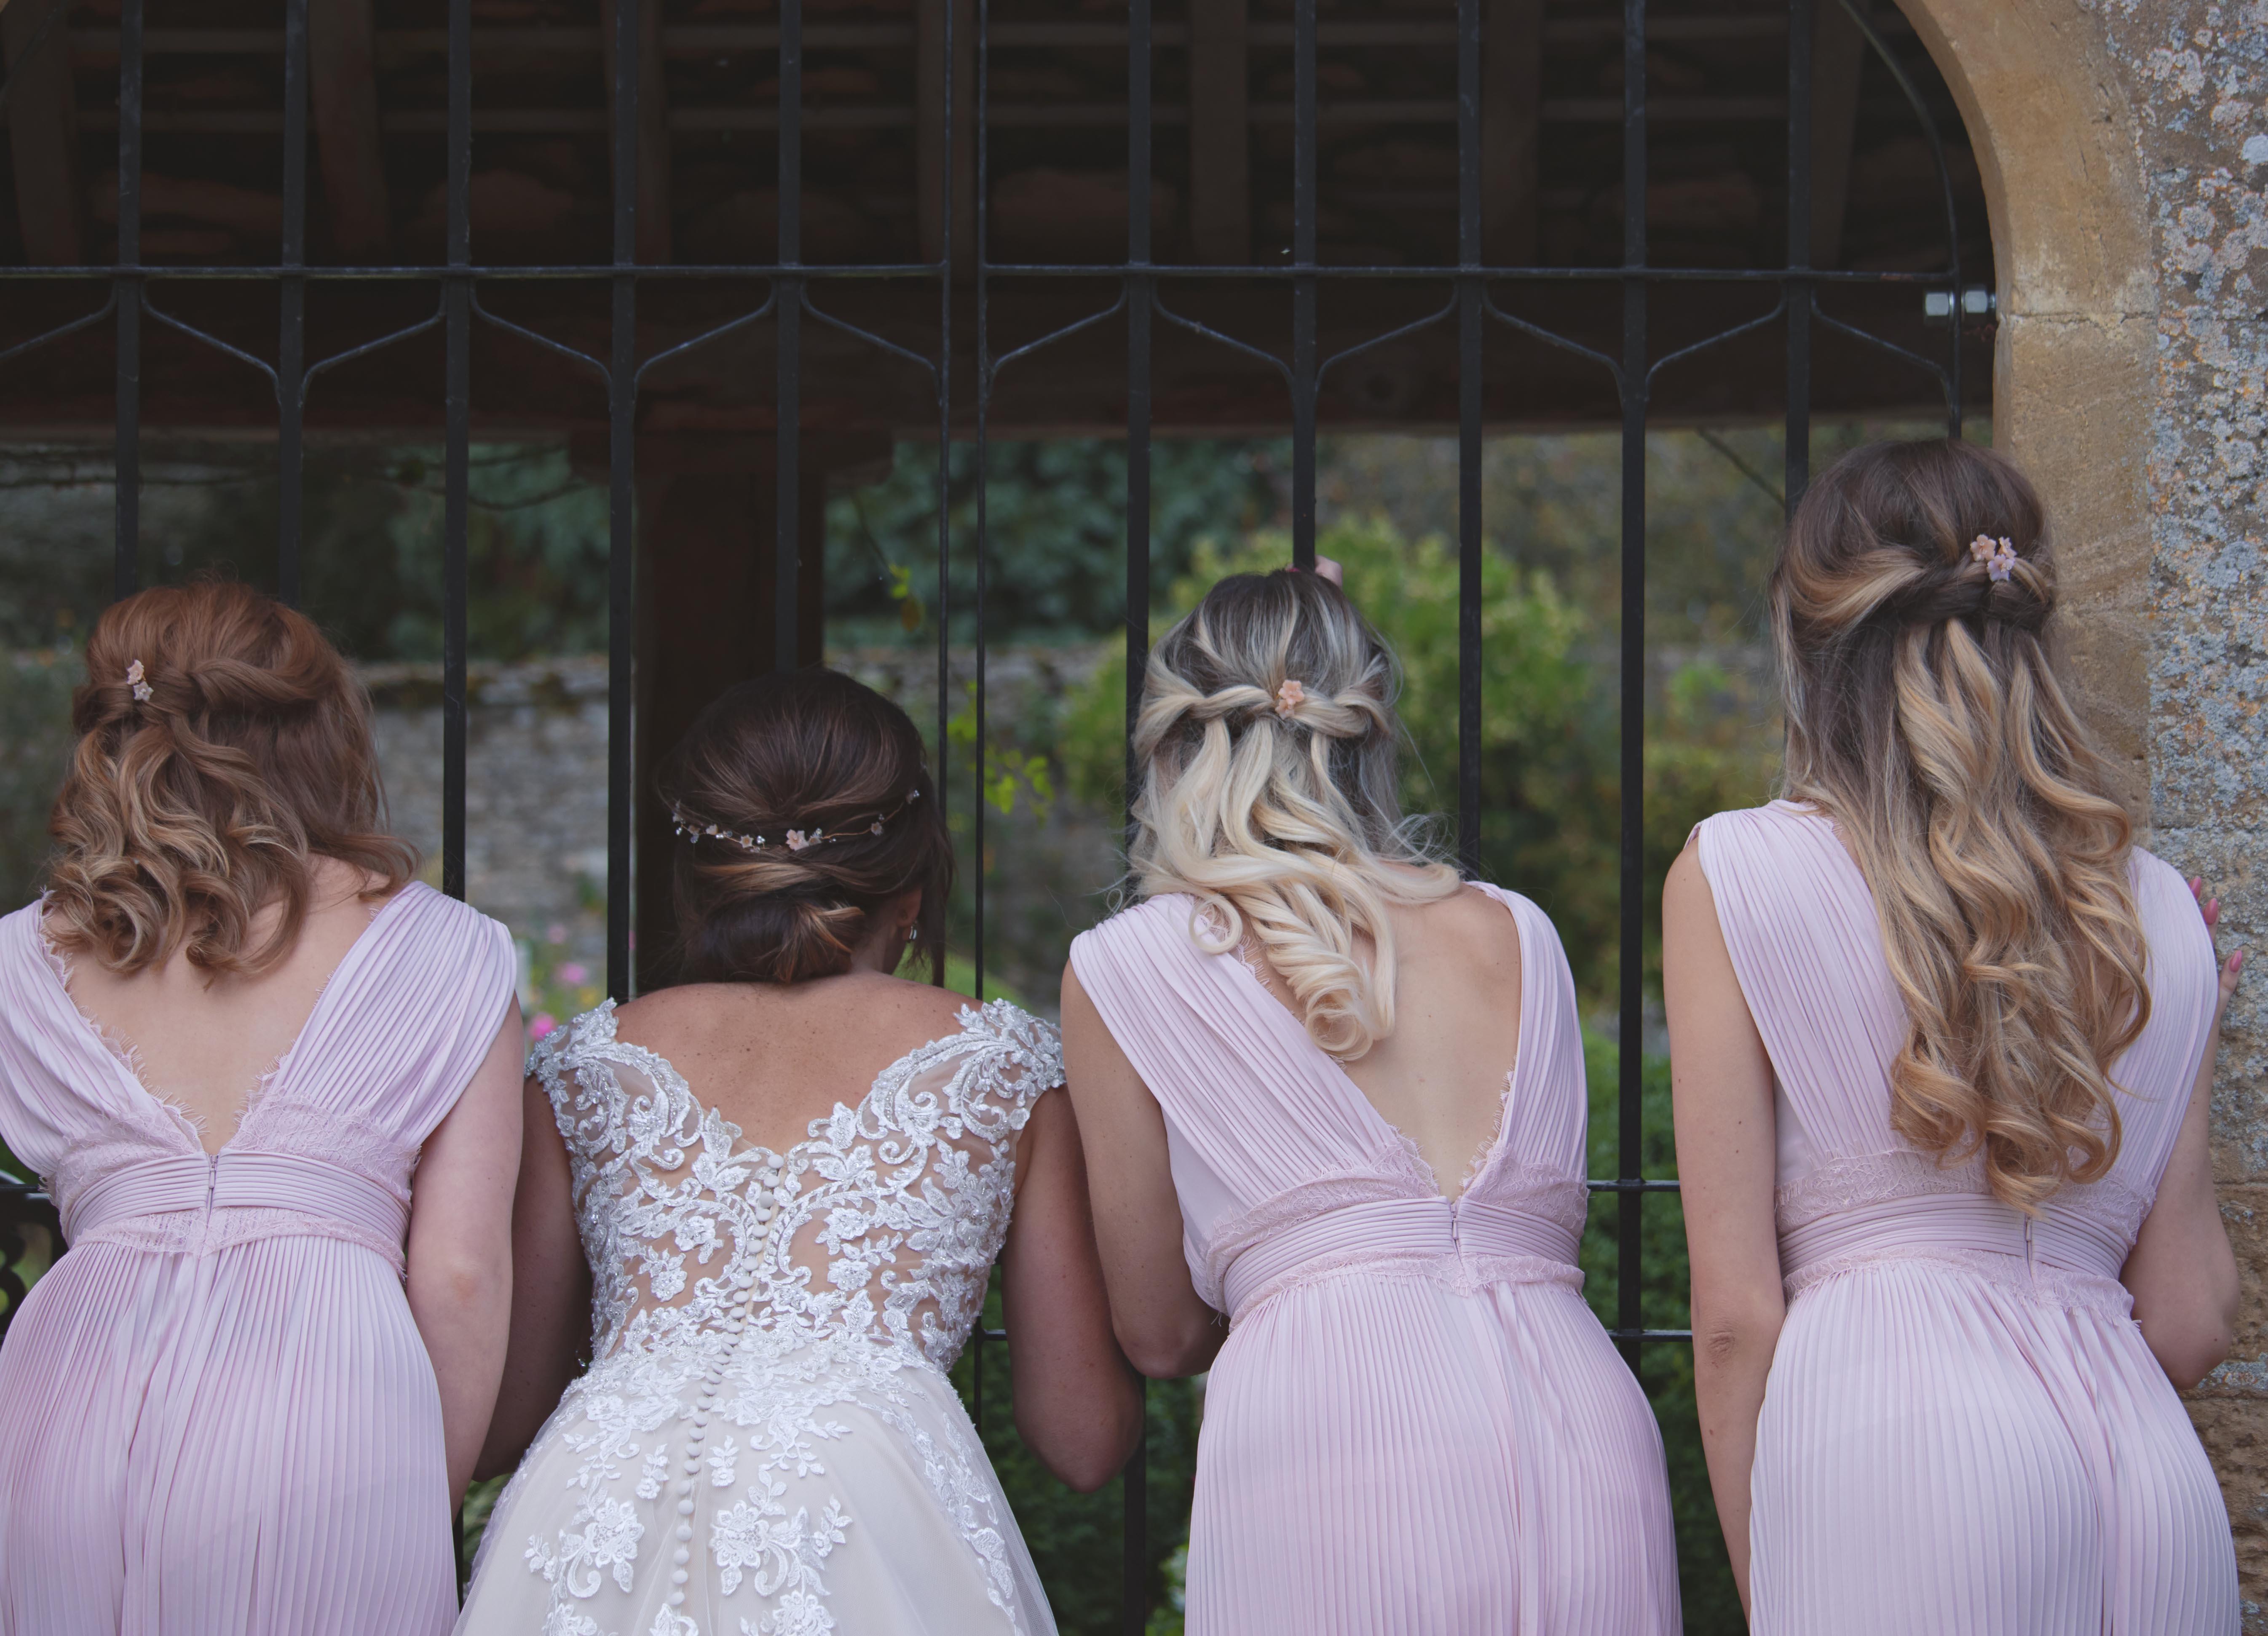 Fun Shots of Bride and Bridesmaids